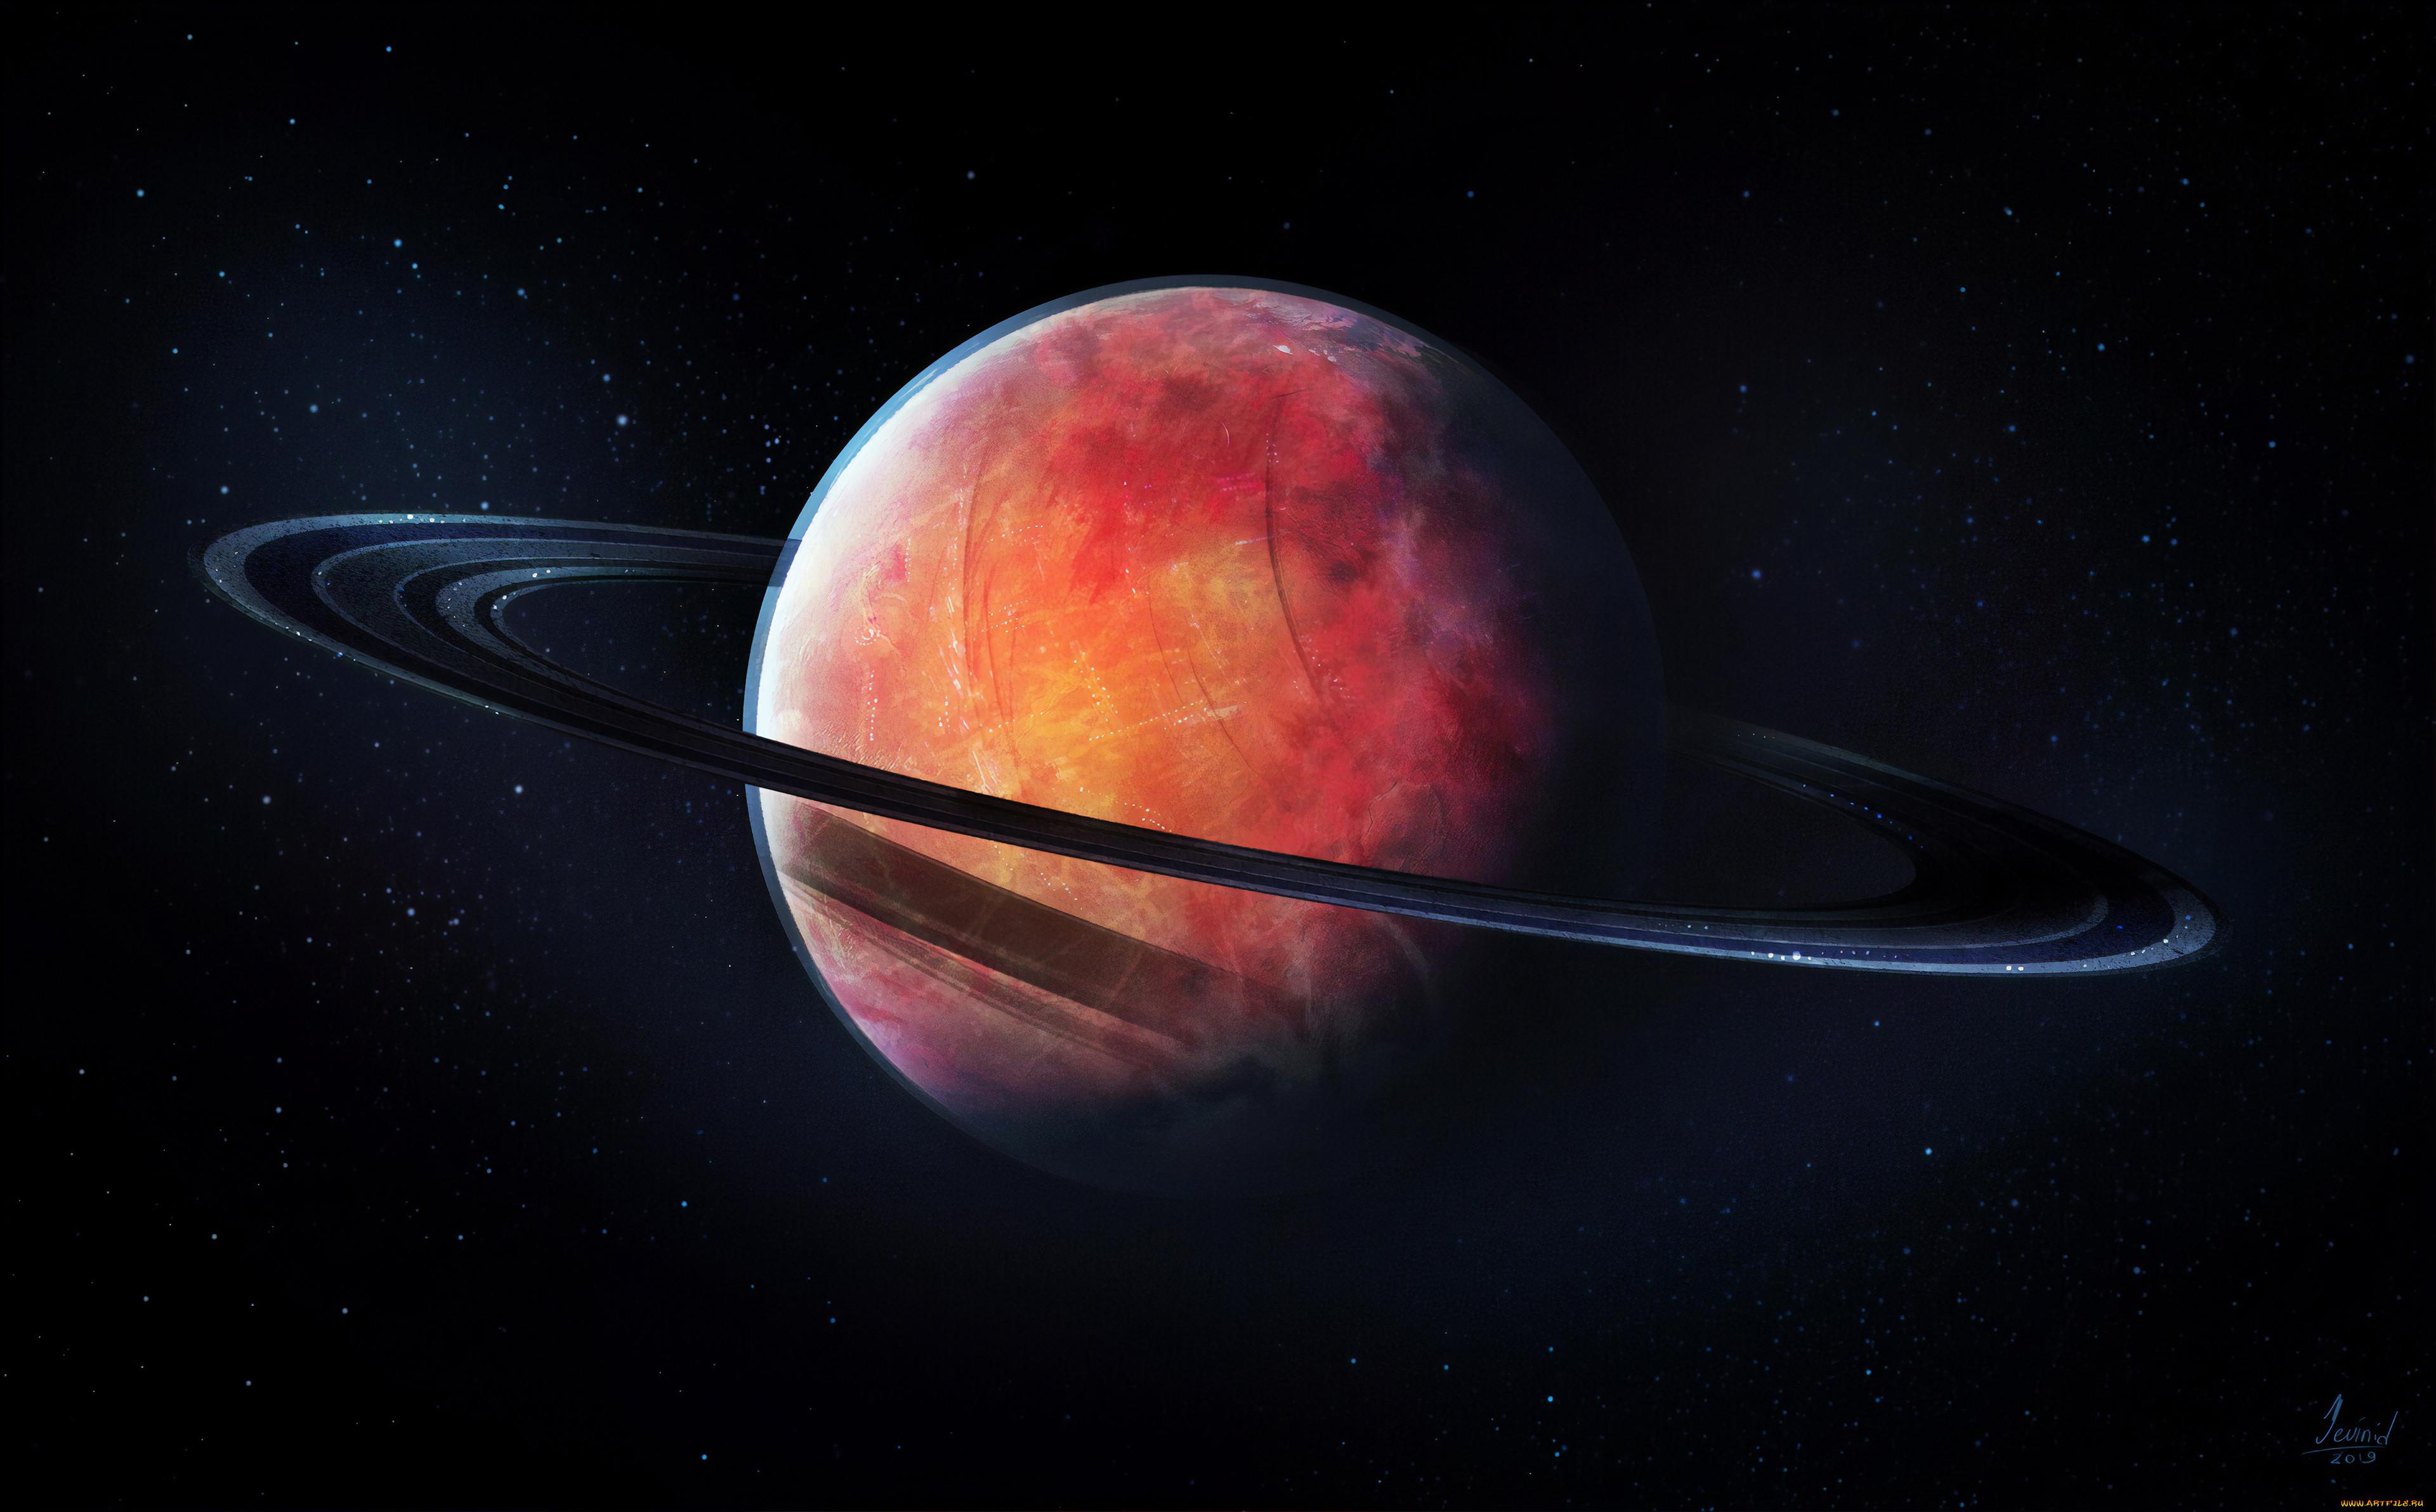 приходом картинки космос планеты сатурн террасу можно